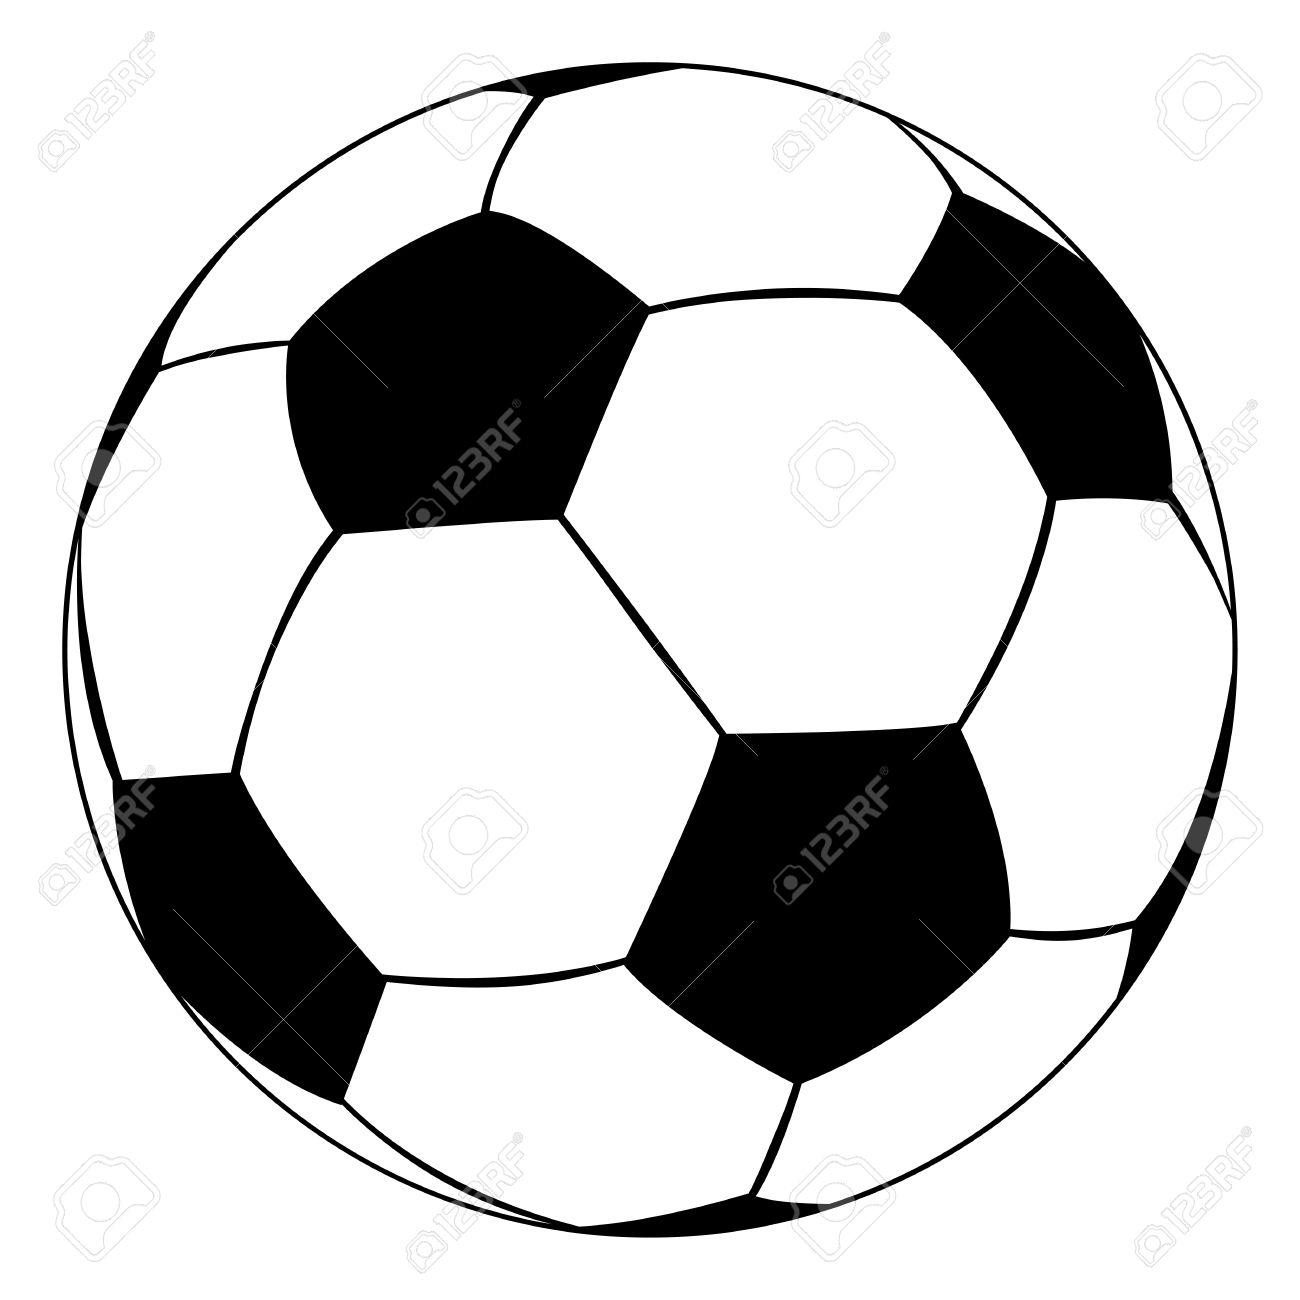 black outline vector soccer ball on white background royalty free rh 123rf com vector grunge soccer ball vector soccer ball pattern